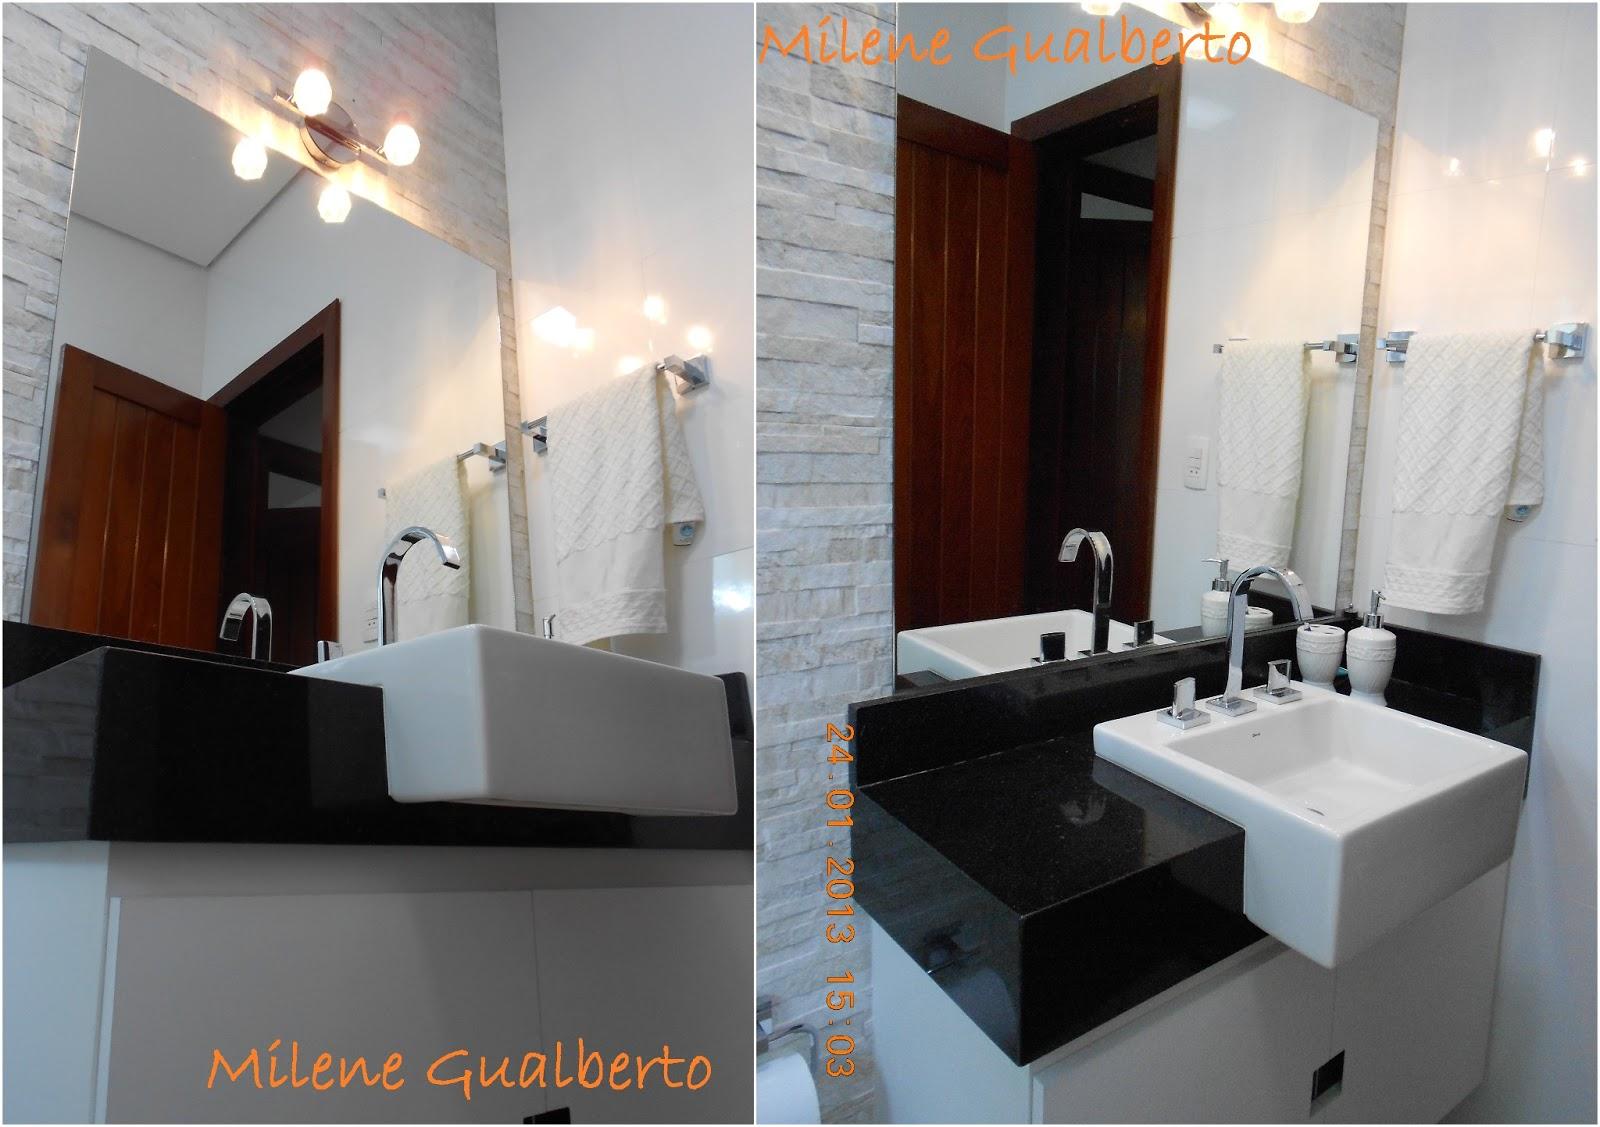 Milene Gualberto: Projetos Residênciais Banheiro Porcelanato HD #9F5C2C 1600x1127 Banheiro Com Piso De Porcelanato Preto